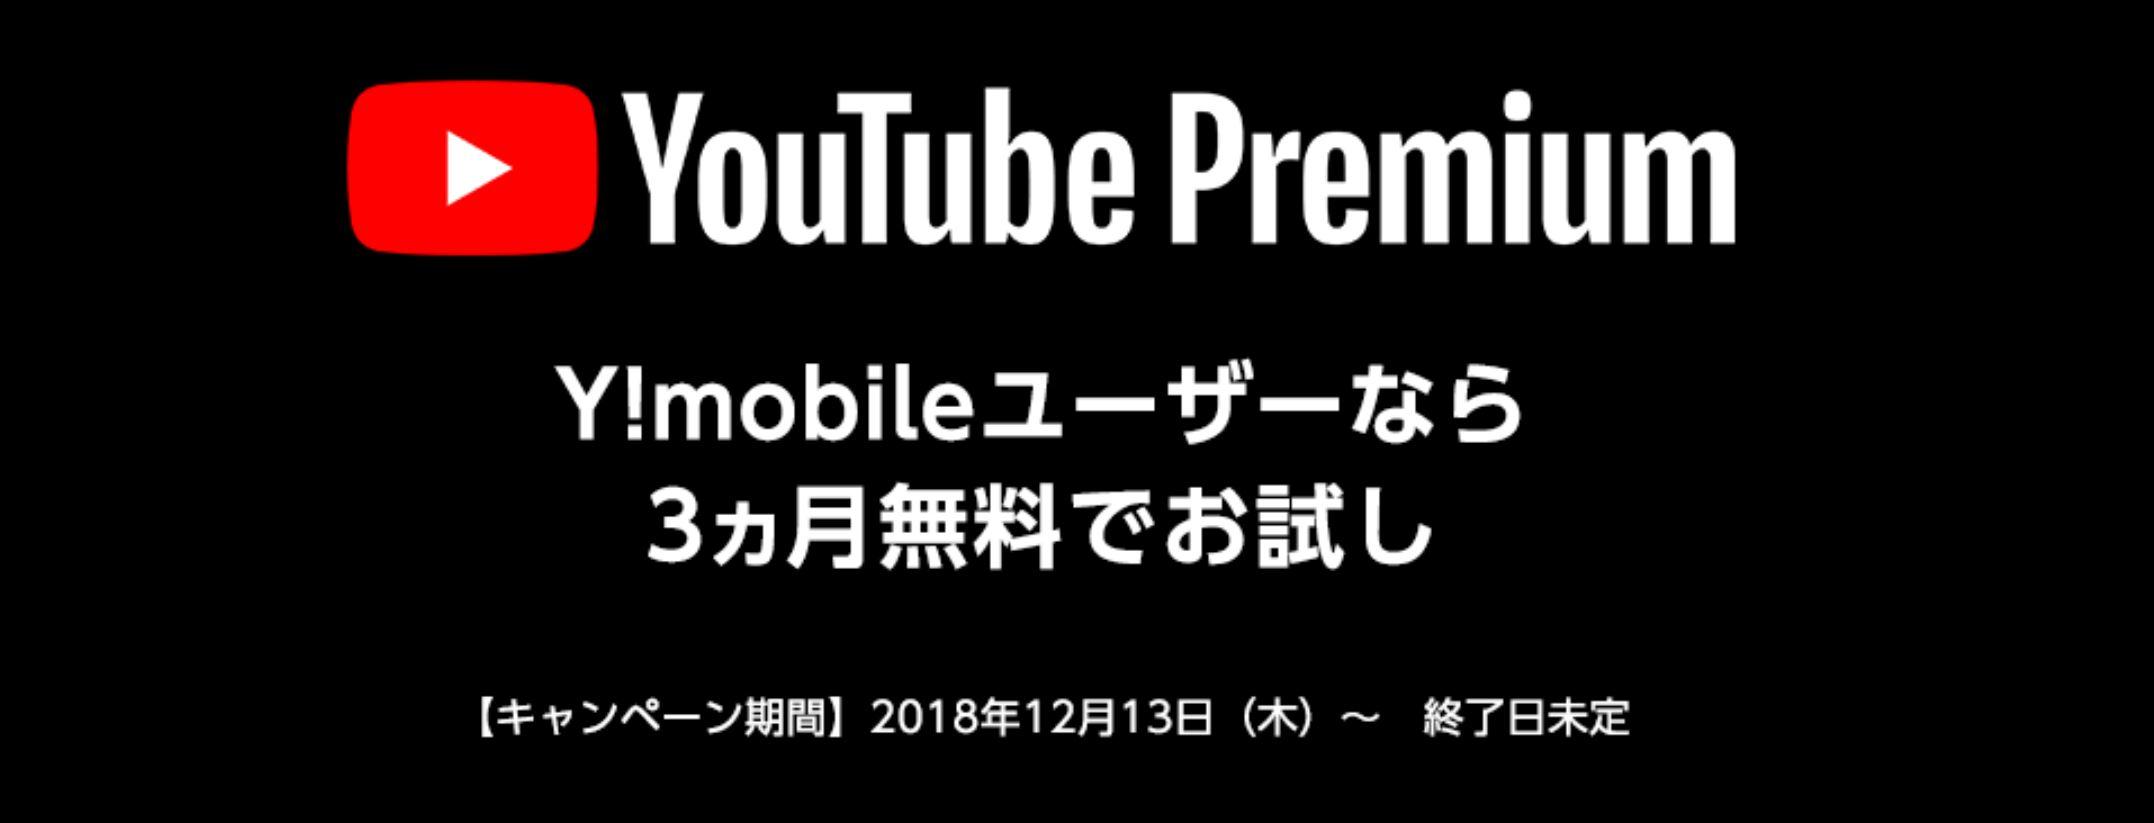 ワイモバイル_新機種_YouTube